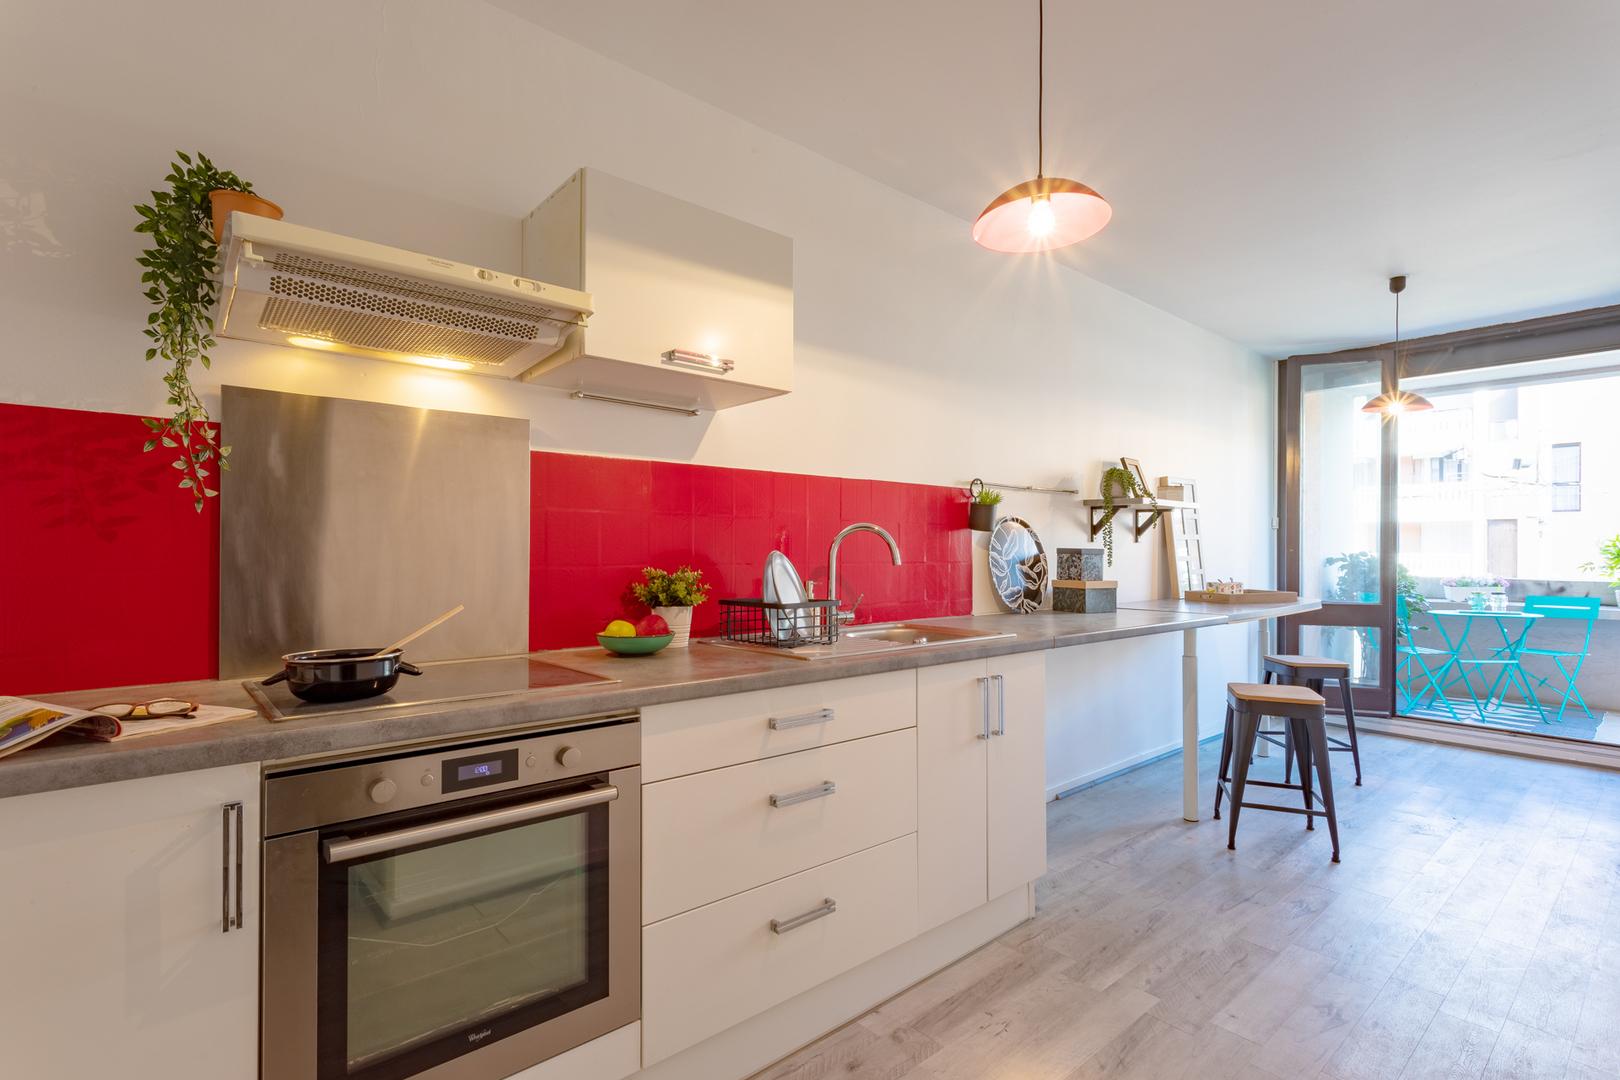 Homki - Vente Appartement  de 84.0 m² à Blagnac 31700